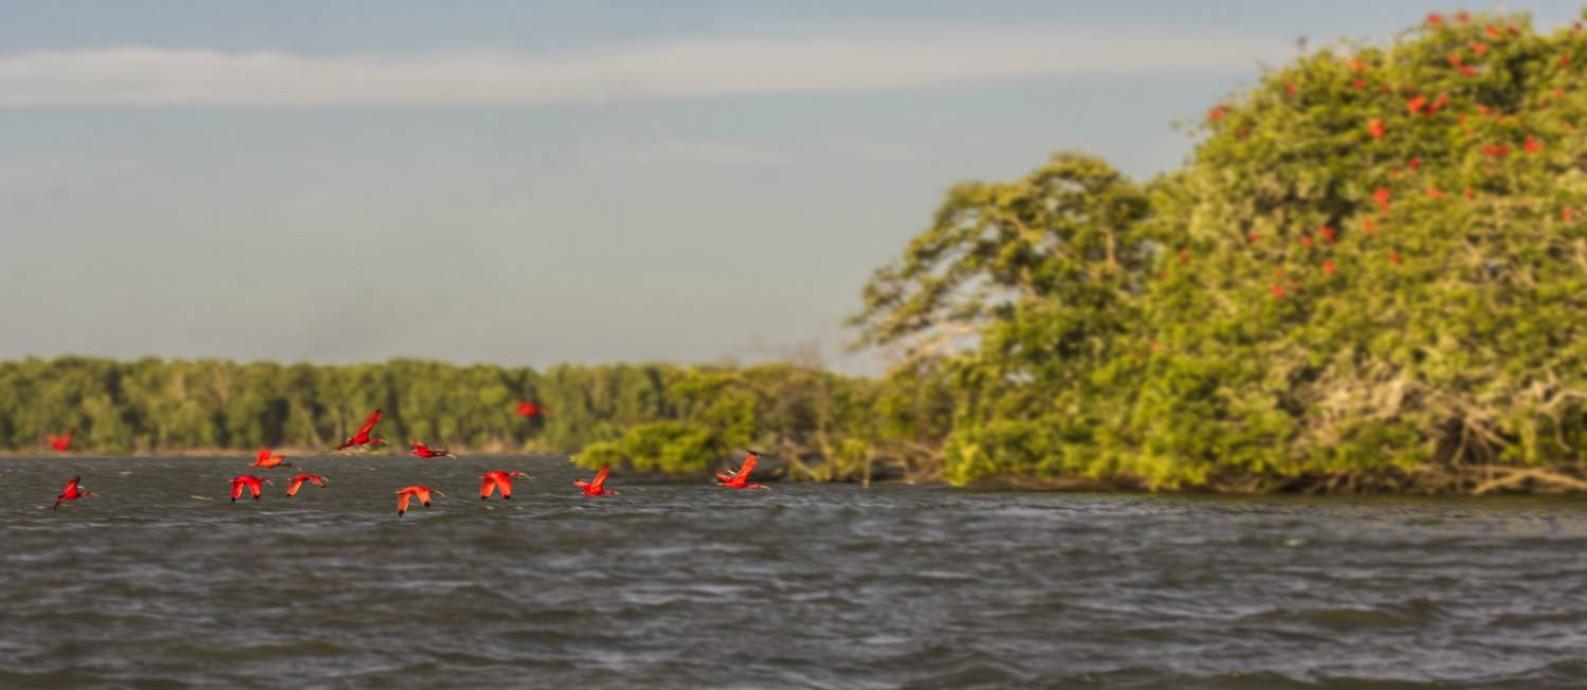 Revoada de guarás pinta de vermelho a paisagem no Delta do Parnaíba, no Piauí Foto: Elisa Martins / Agência O Globo